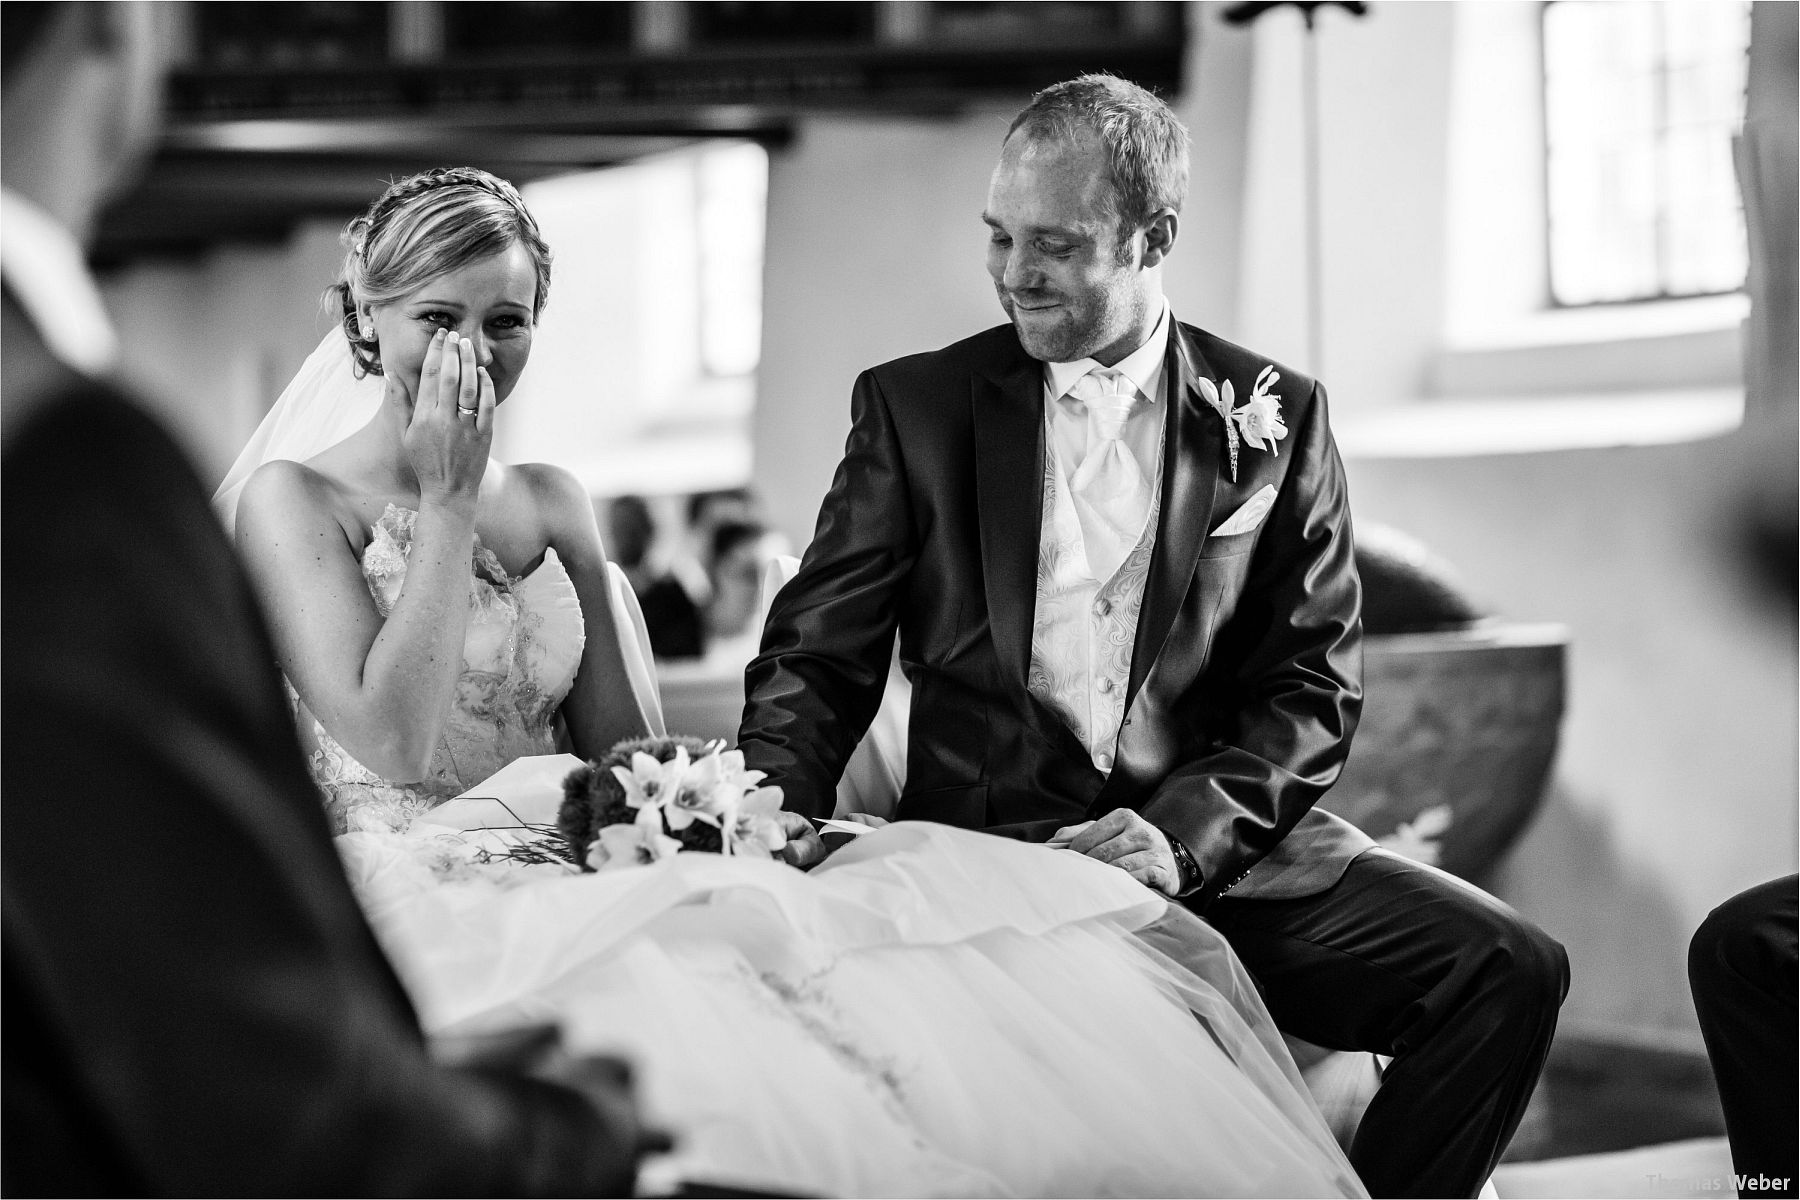 Hochzeitsfotograf Papenburg: Standesamtliche Trauung auf der Burg Kniphausen und Feier im Le Patron am Meer (47)